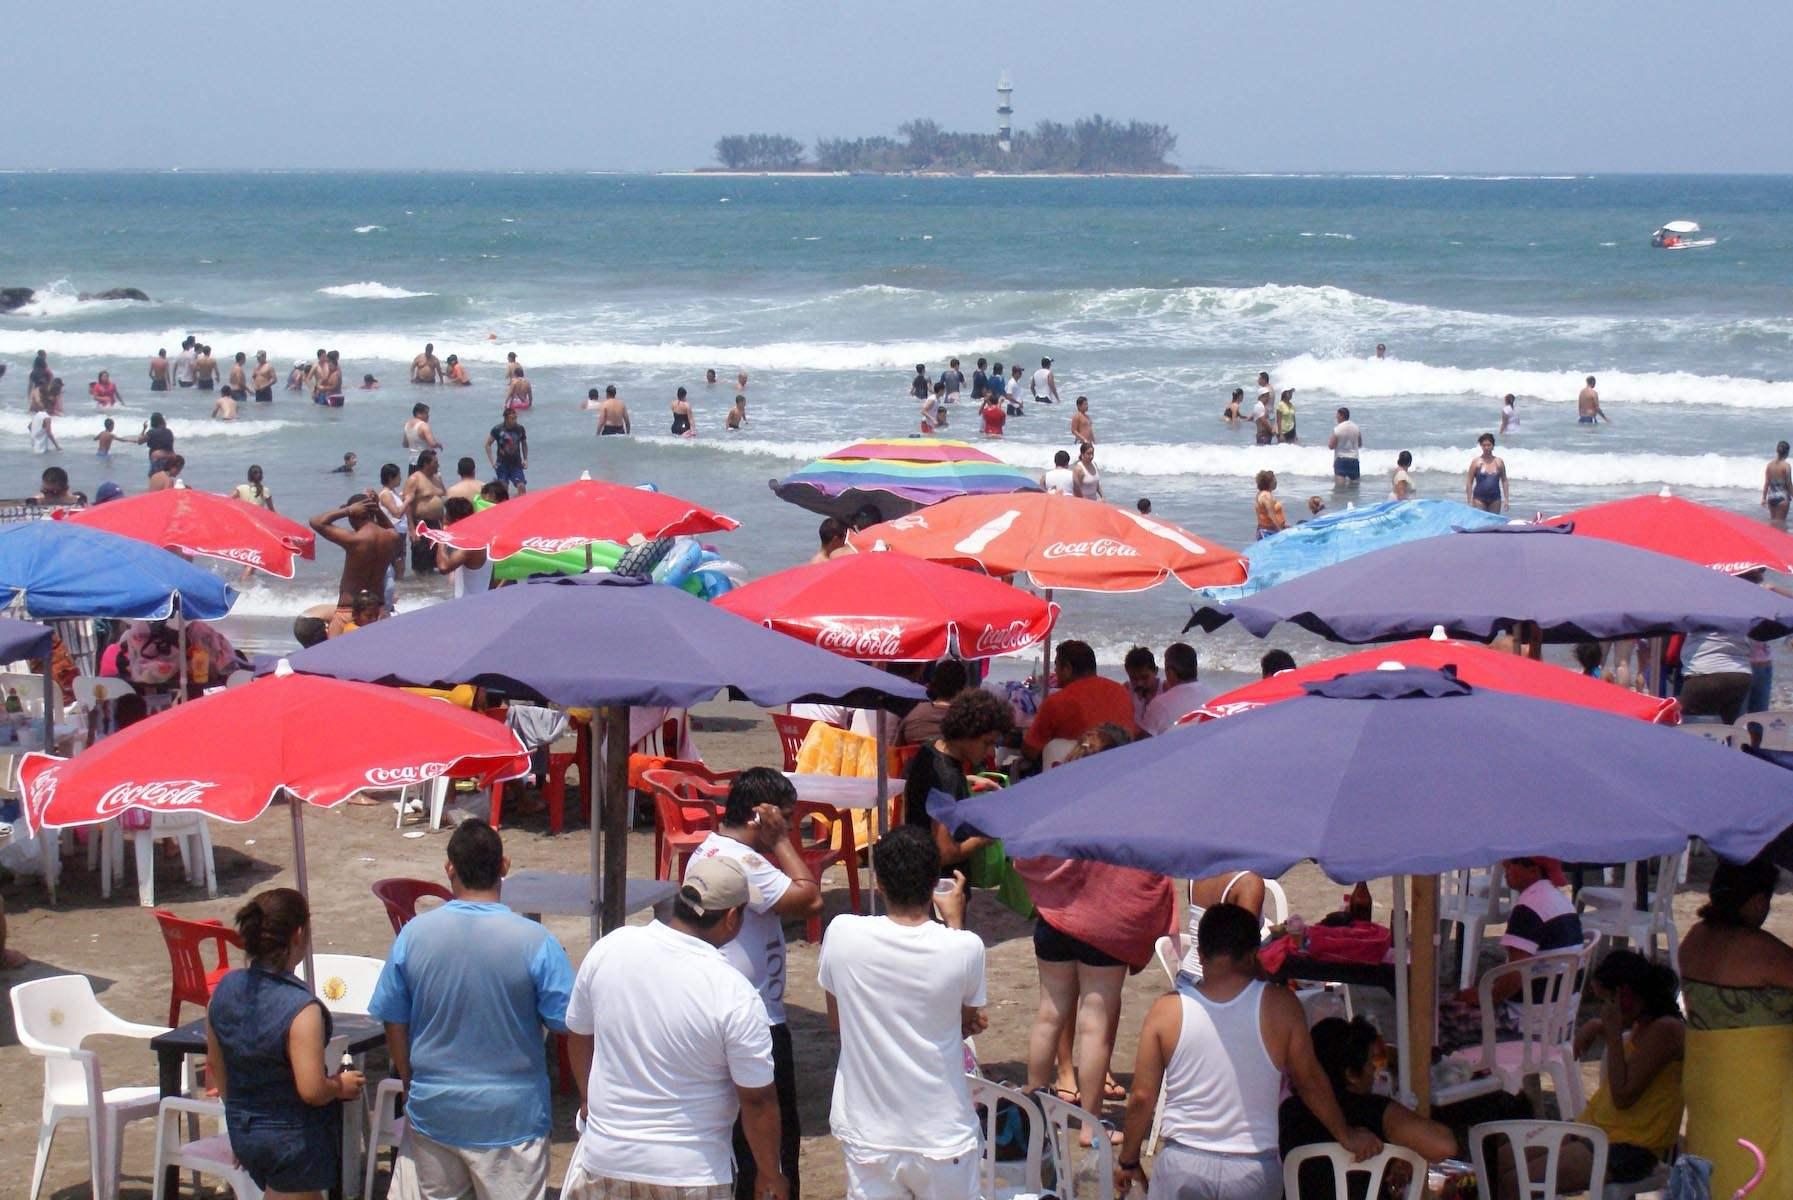 EU pidió a sus connacionales extremar precauciones cuando visiten Veracruz